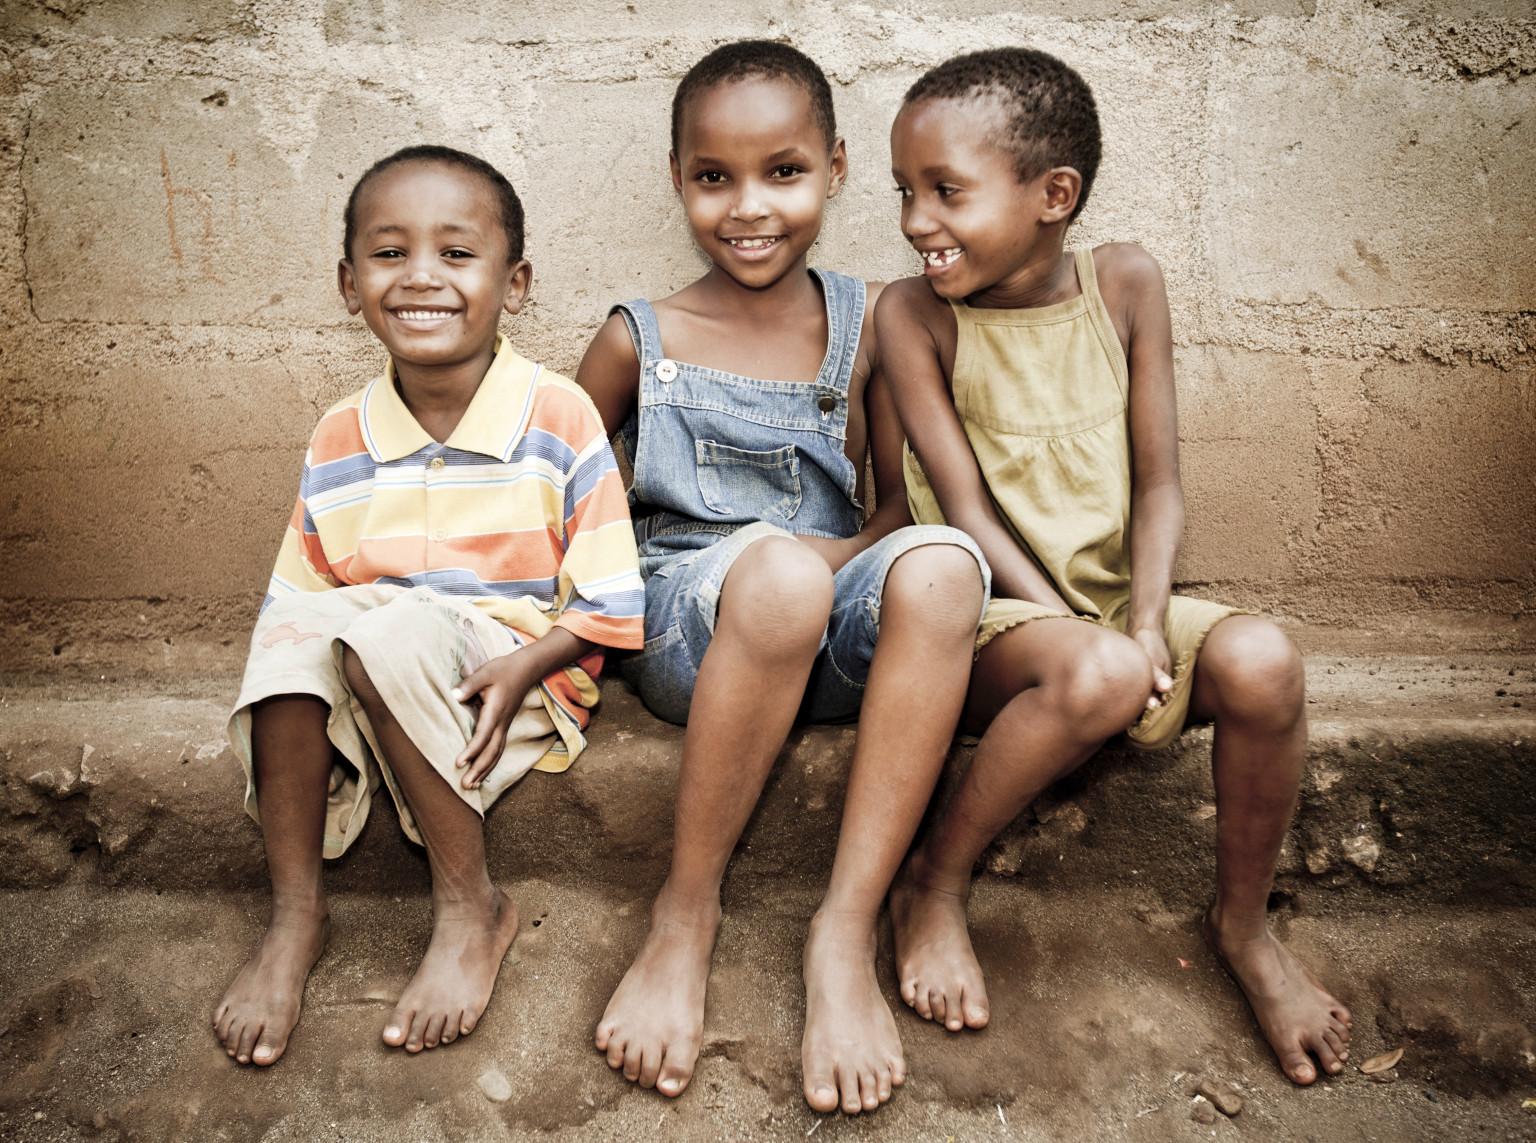 diseases in africa 2